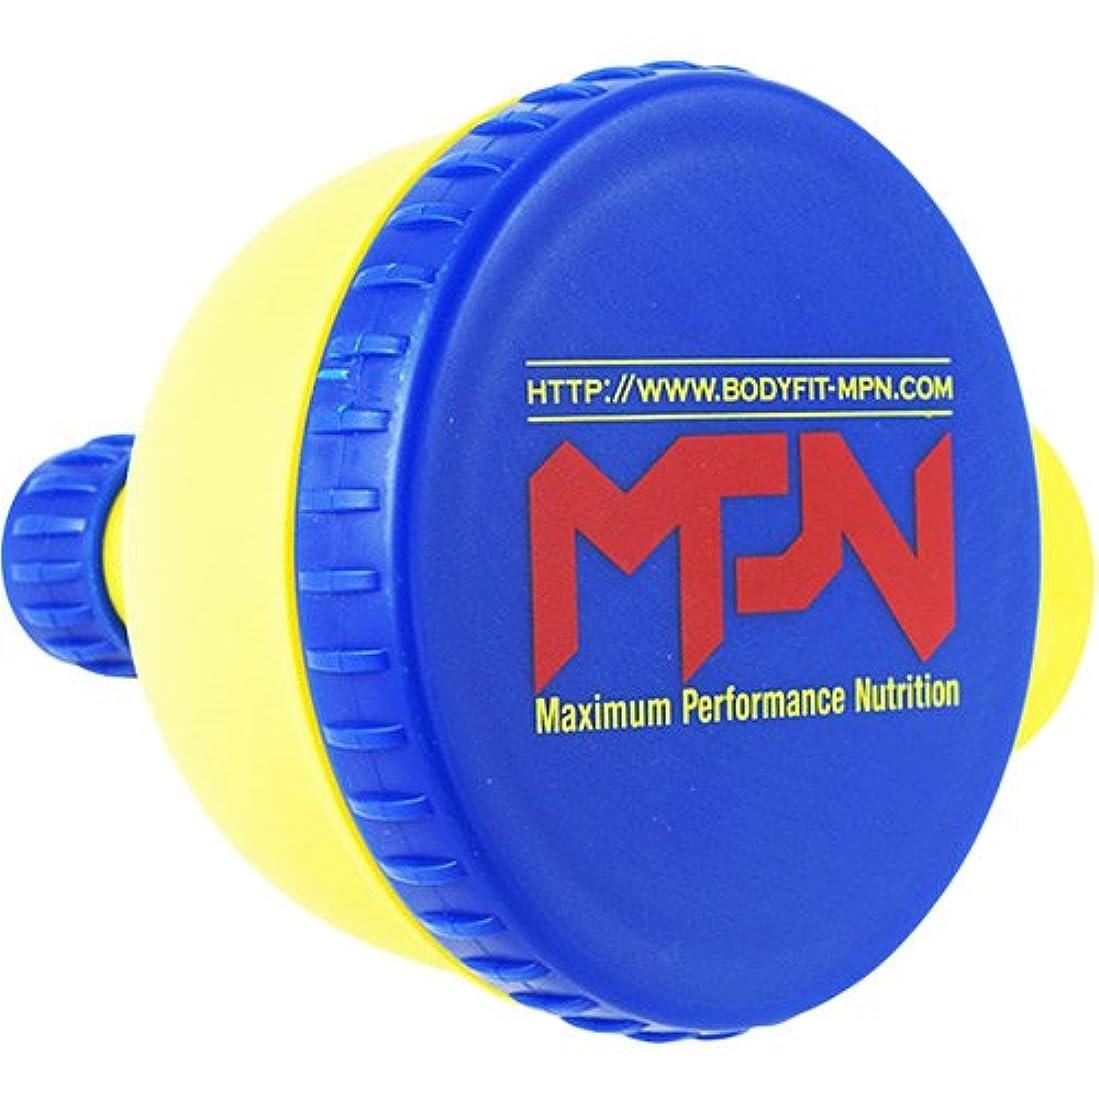 害虫周術期データベースボディフィット MPN ファンネル 粉末サプリメント小分け携帯用漏斗